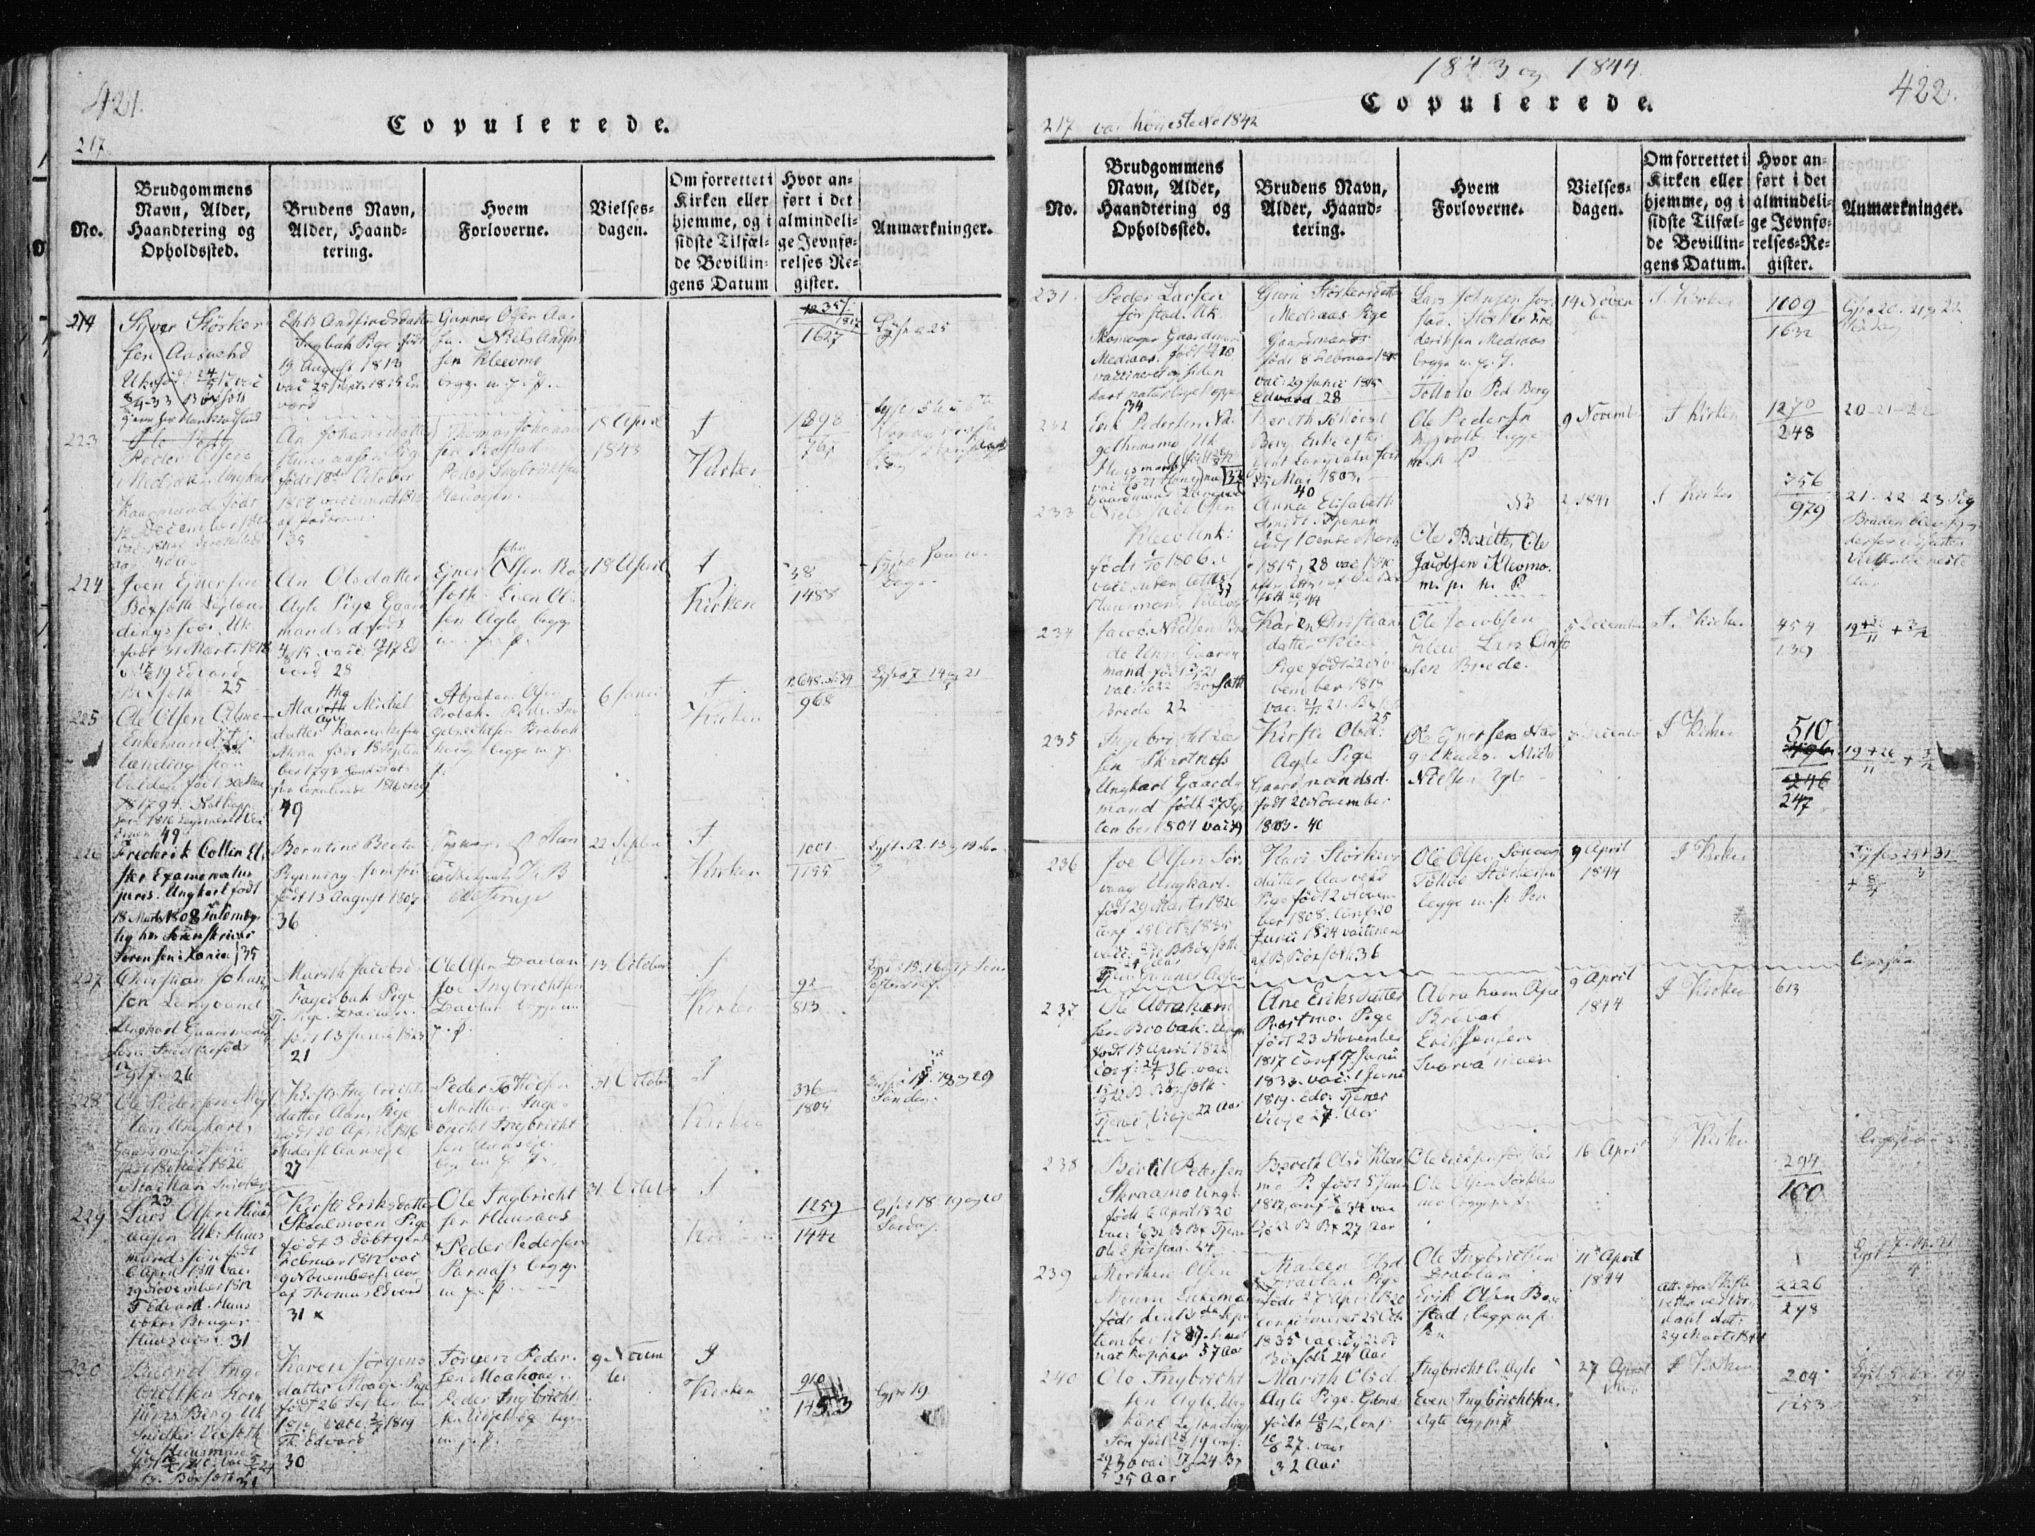 SAT, Ministerialprotokoller, klokkerbøker og fødselsregistre - Nord-Trøndelag, 749/L0469: Ministerialbok nr. 749A03, 1817-1857, s. 421-422